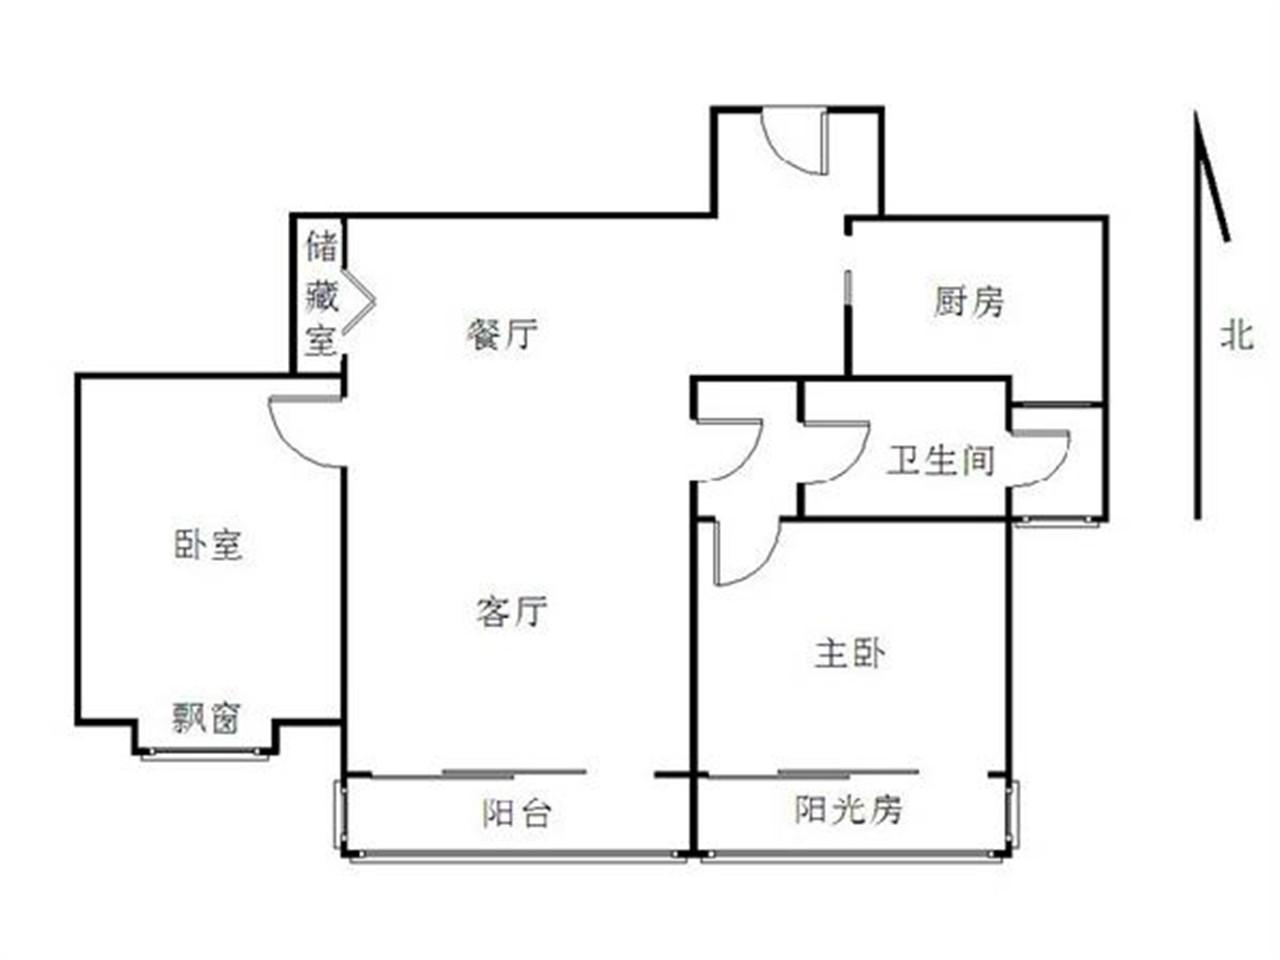 栖霞区仙林东方天郡东区2室2厅户型图